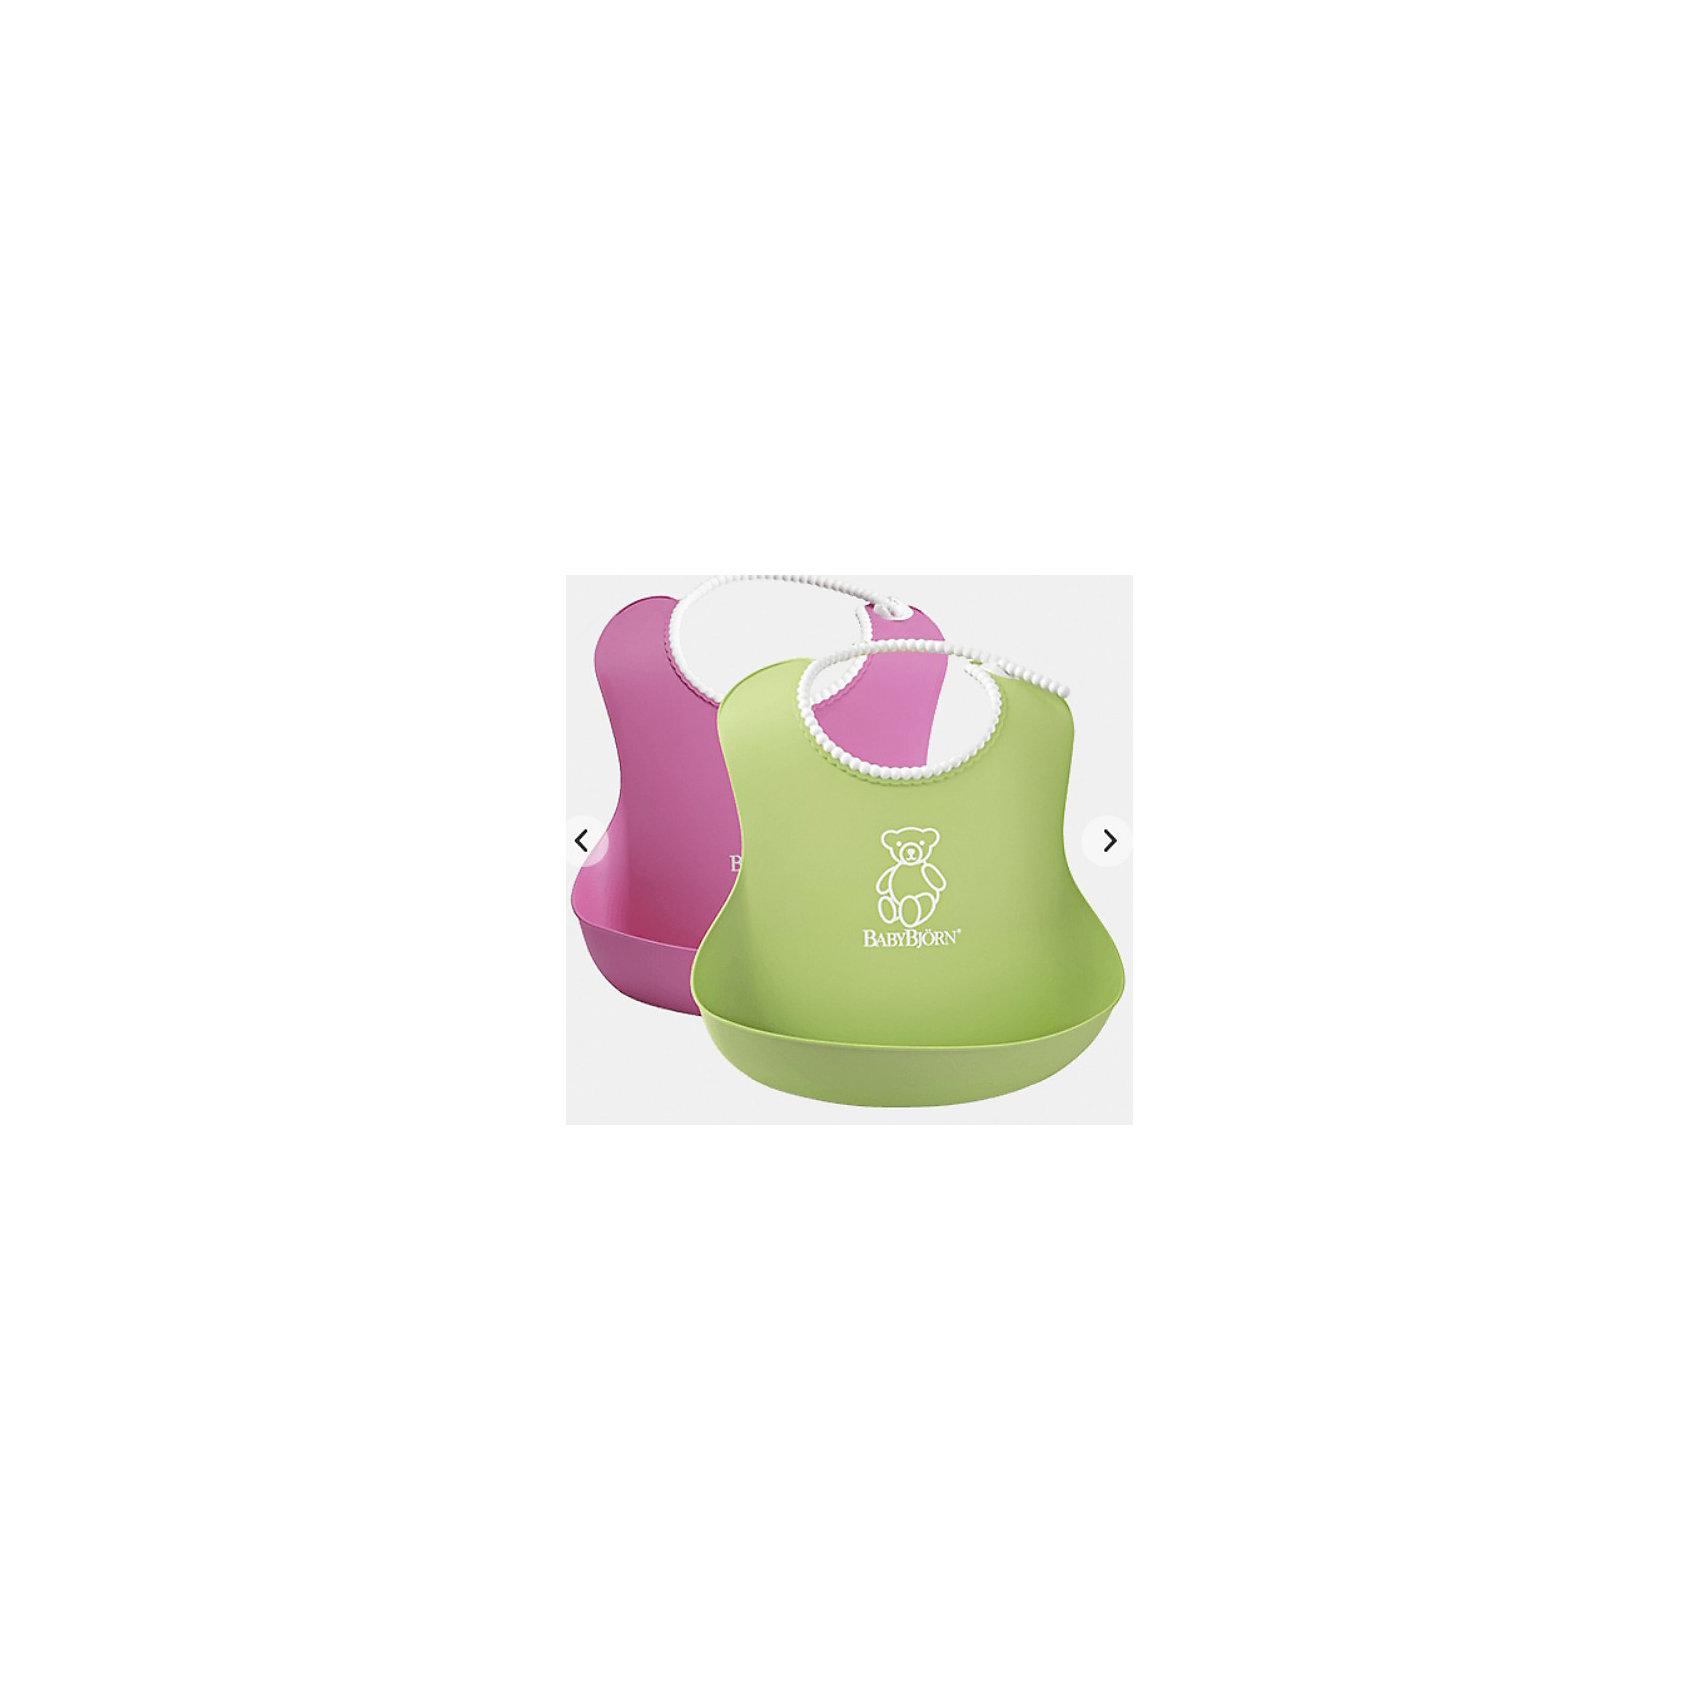 Комплект из 2-х нагрудников, BabyBjorn, розовый/зеленыйНагрудники и салфетки<br>Мягкие нагрудники с карманом BabyBjorn (БэйбиБьёрн) - функциональные и удобные нагрудники для активных детишек!<br>Мягкие нагрудники с карманом помогут провести процесс кормления ребенка в чистоте. Нагрудники имеют эргономичную форму и глубокий карман для улавливания пищи. Горловина нагрудников имеет мягкую поверхность и не царапает шею малыша, а замочек легко застегивается на нужную длину.<br><br>Дополнительная информация:<br><br>- регулируемая застёжка<br>- глубокий кармашек спереди<br>- можно мыть в посудомоечной машине<br>- материал: полипропилен (ПП) и термоэластопласт (ТЭП).<br>- Размер горловины: от 19 до 30 см<br><br>Комплект из 2-х нагрудников, BabyBjorn, розовый/зеленый можно купить в нашем магазине.<br><br>Ширина мм: 60<br>Глубина мм: 40<br>Высота мм: 215<br>Вес г: 149<br>Возраст от месяцев: 6<br>Возраст до месяцев: 36<br>Пол: Унисекс<br>Возраст: Детский<br>SKU: 3888124